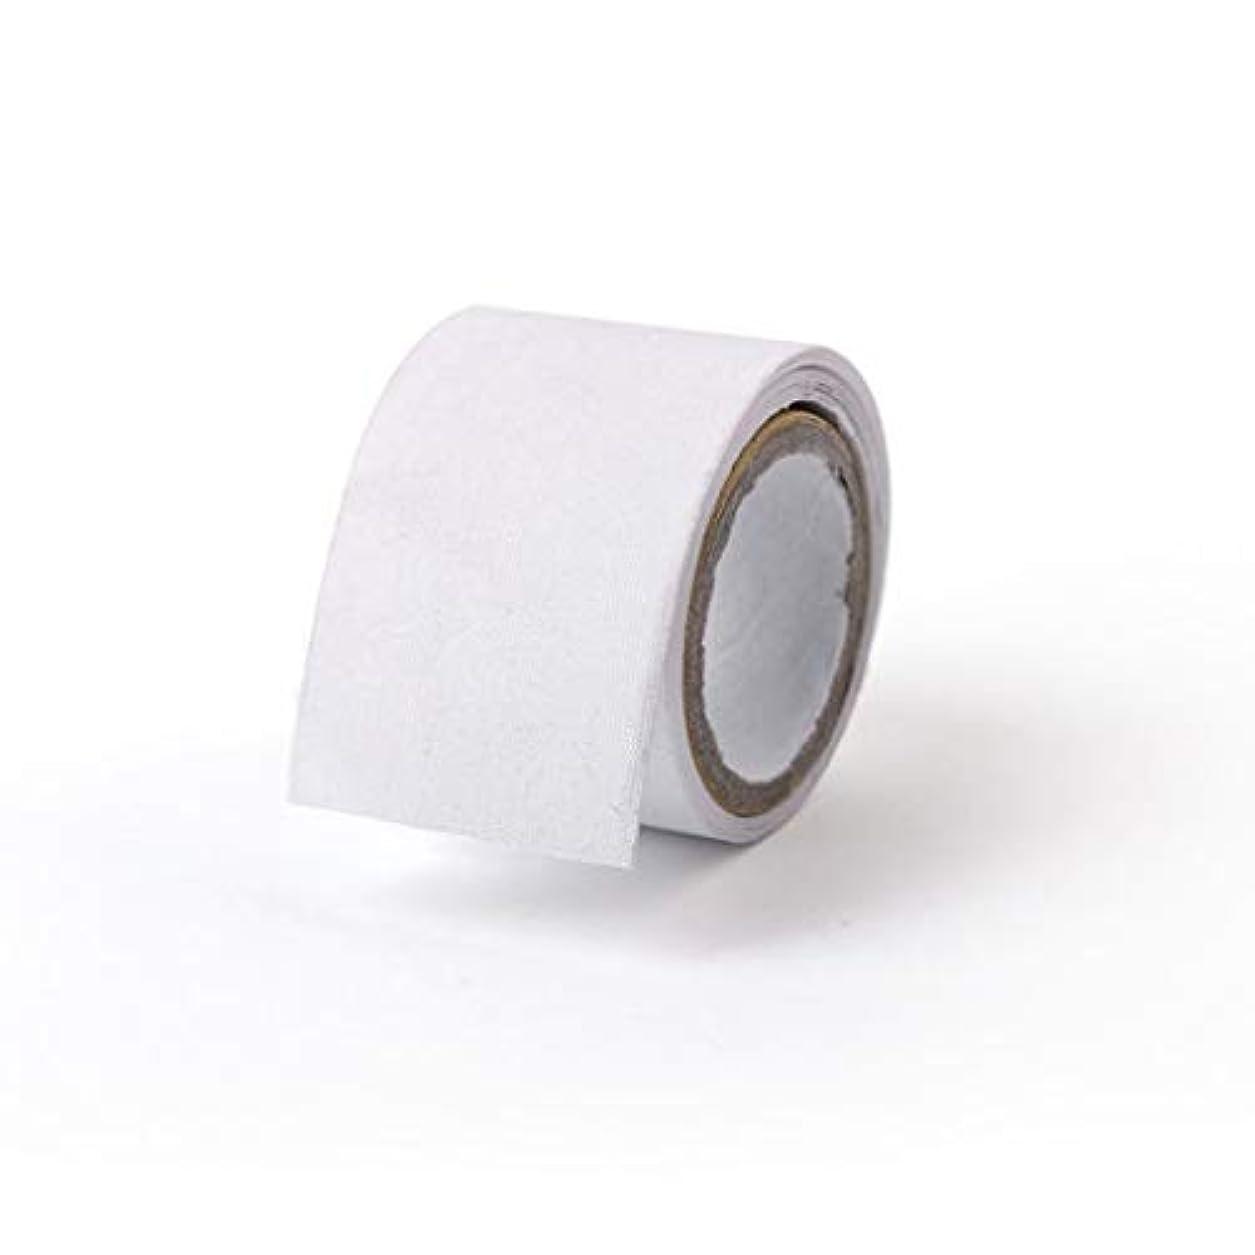 時刻表記事甘味1st market マニキュアシルクネイルラップネイルアートセルフスティックツールは白1ロールが含まれています丈夫で便利